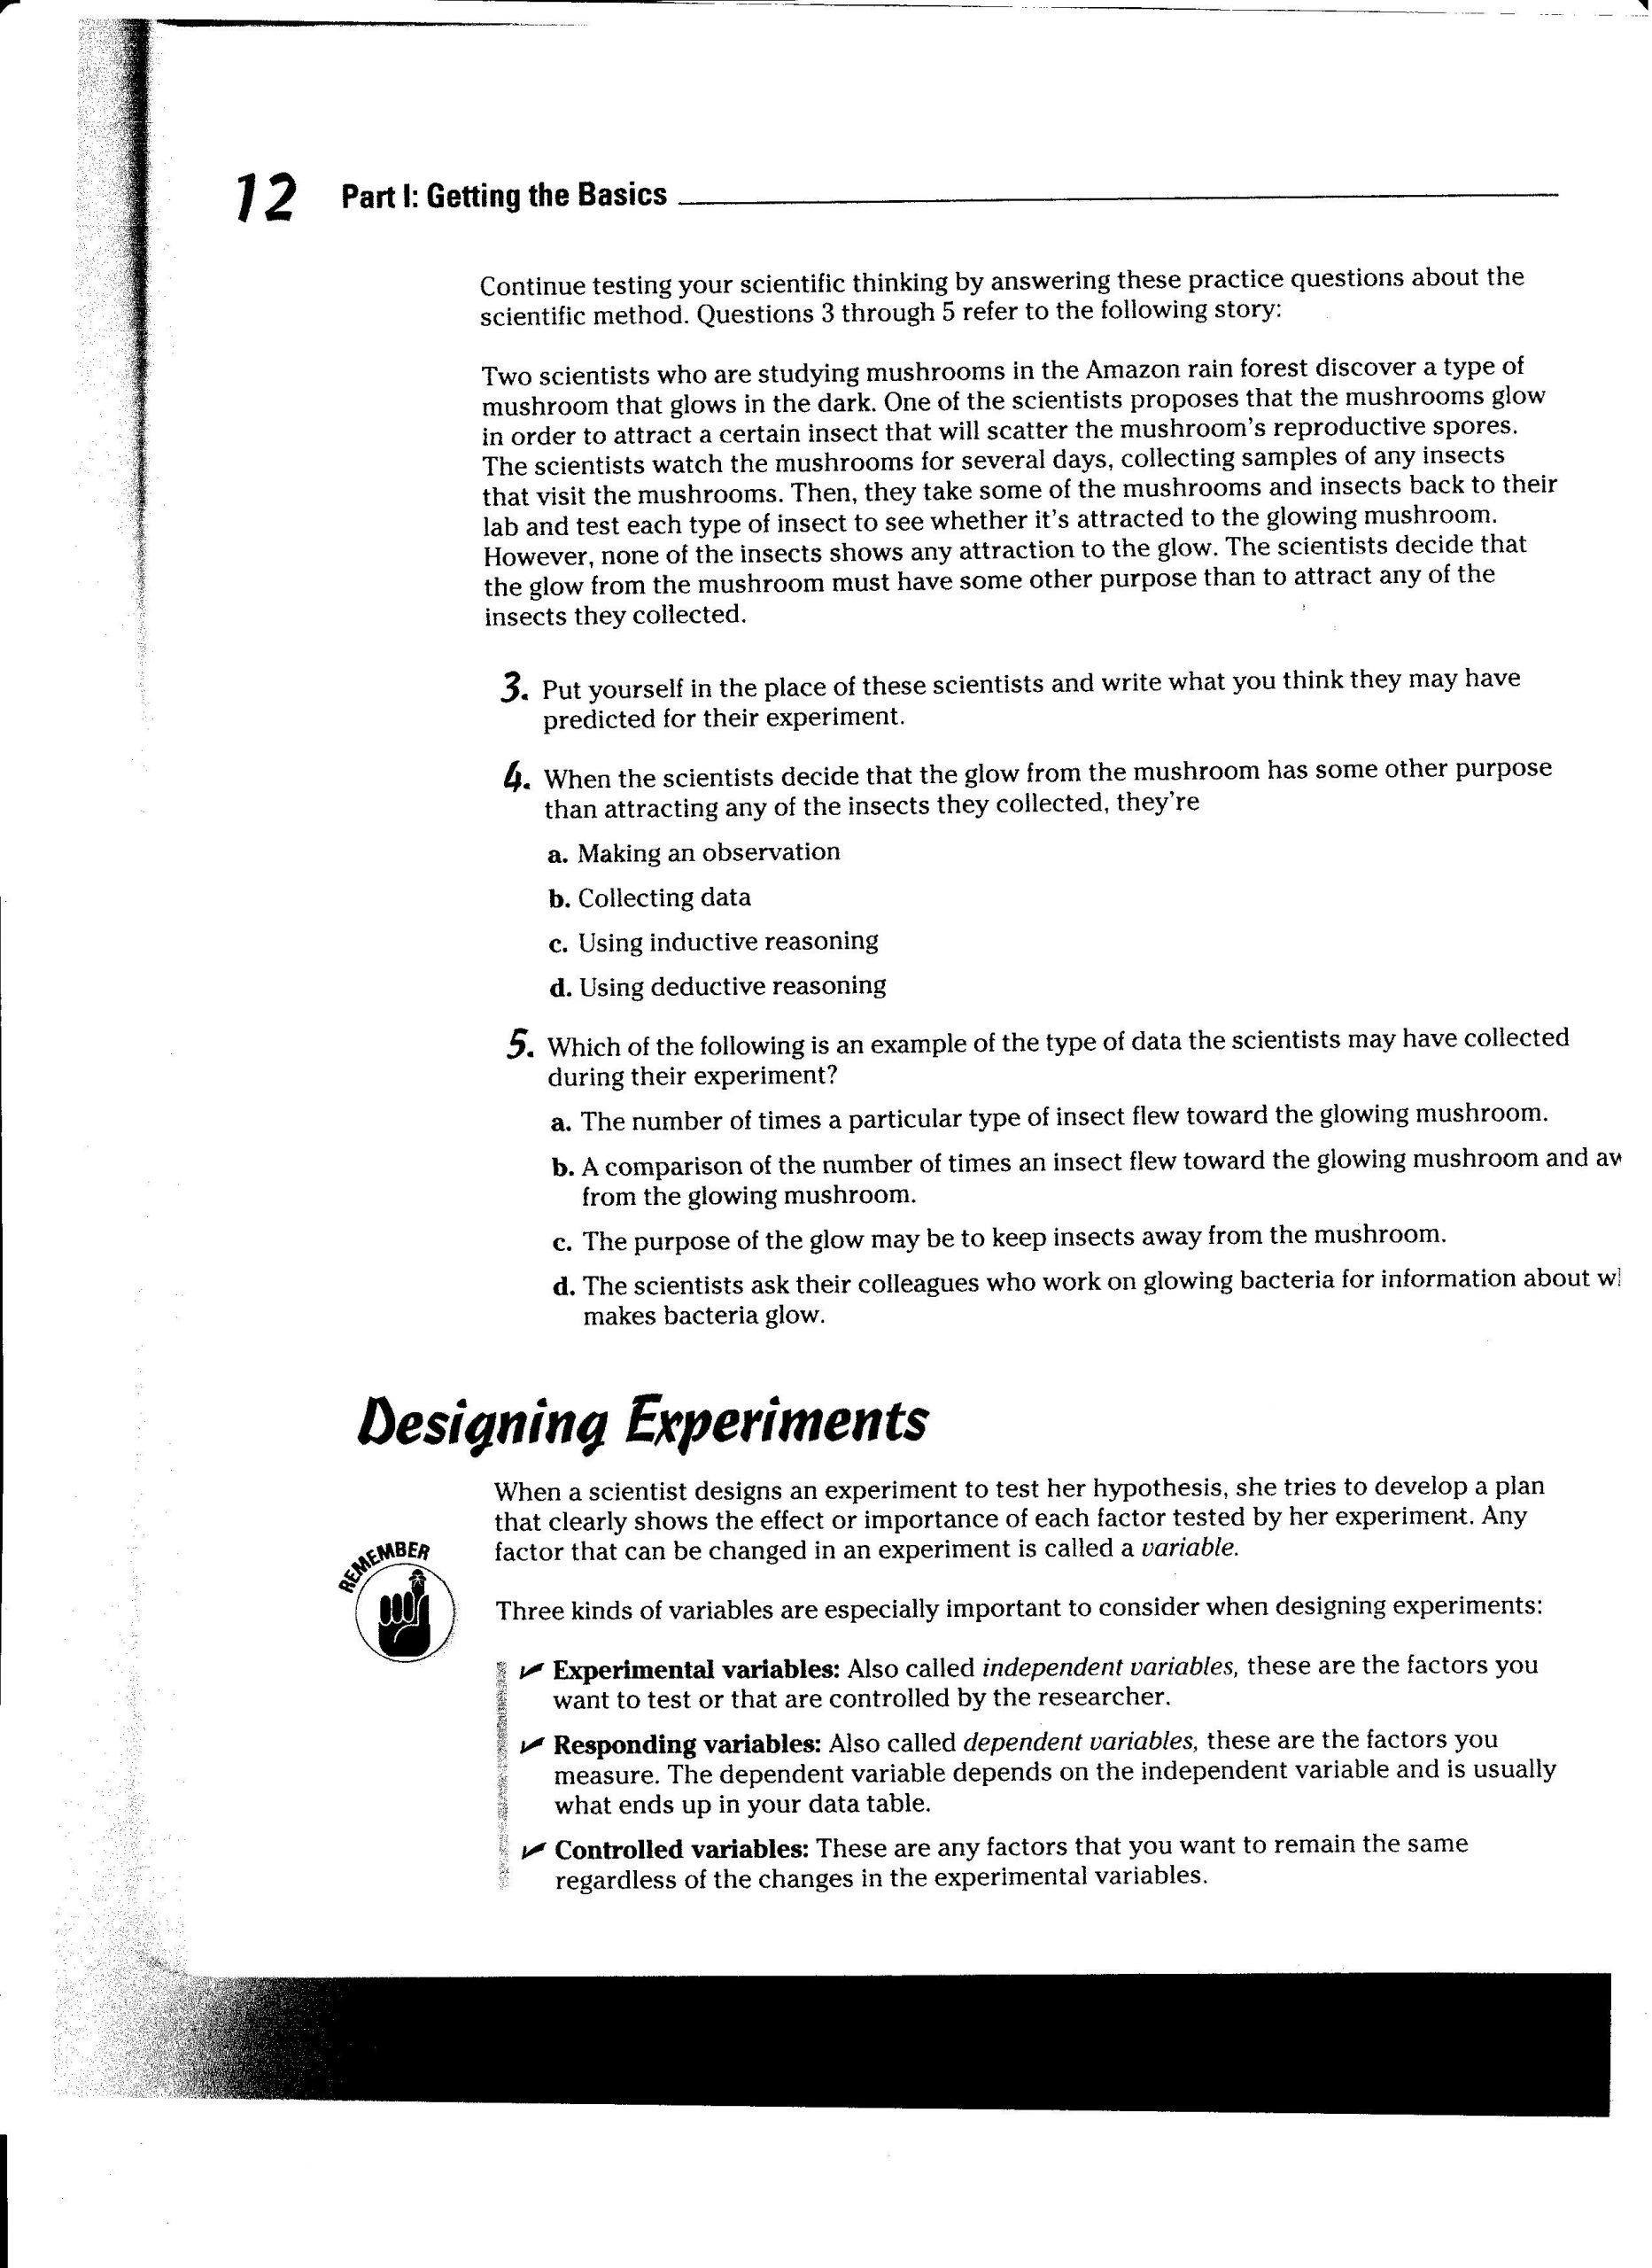 Scientific Method Story Worksheet Answers Week 2 Scientific Method and Lab 1